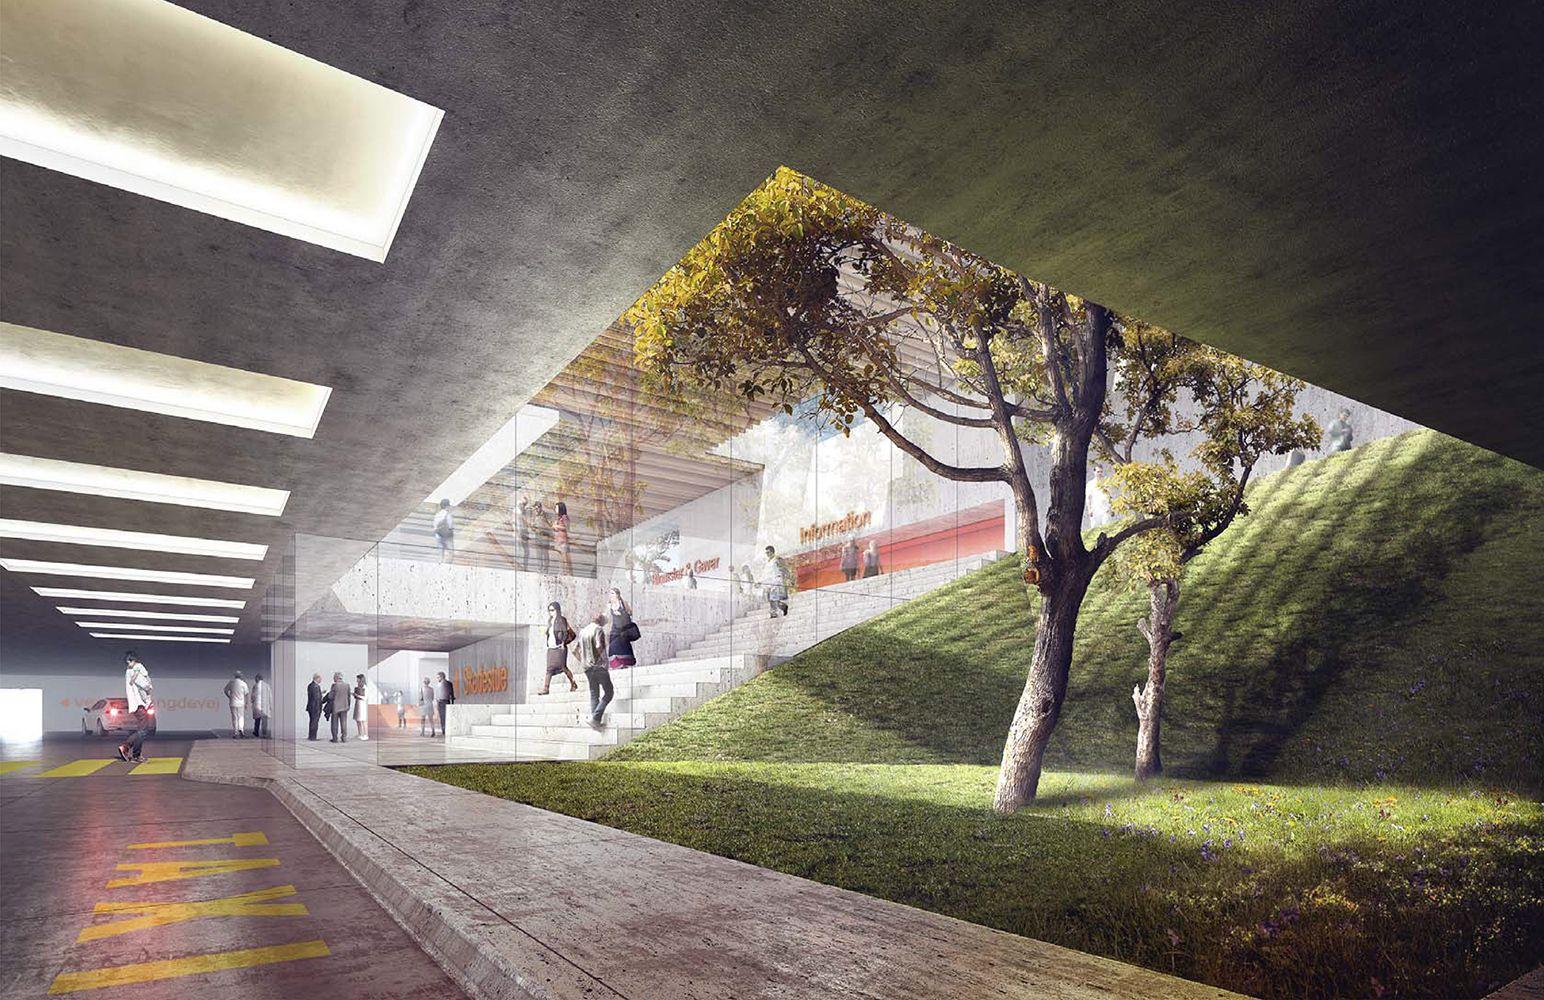 Khr Arkitekter Whr Architects And Arup